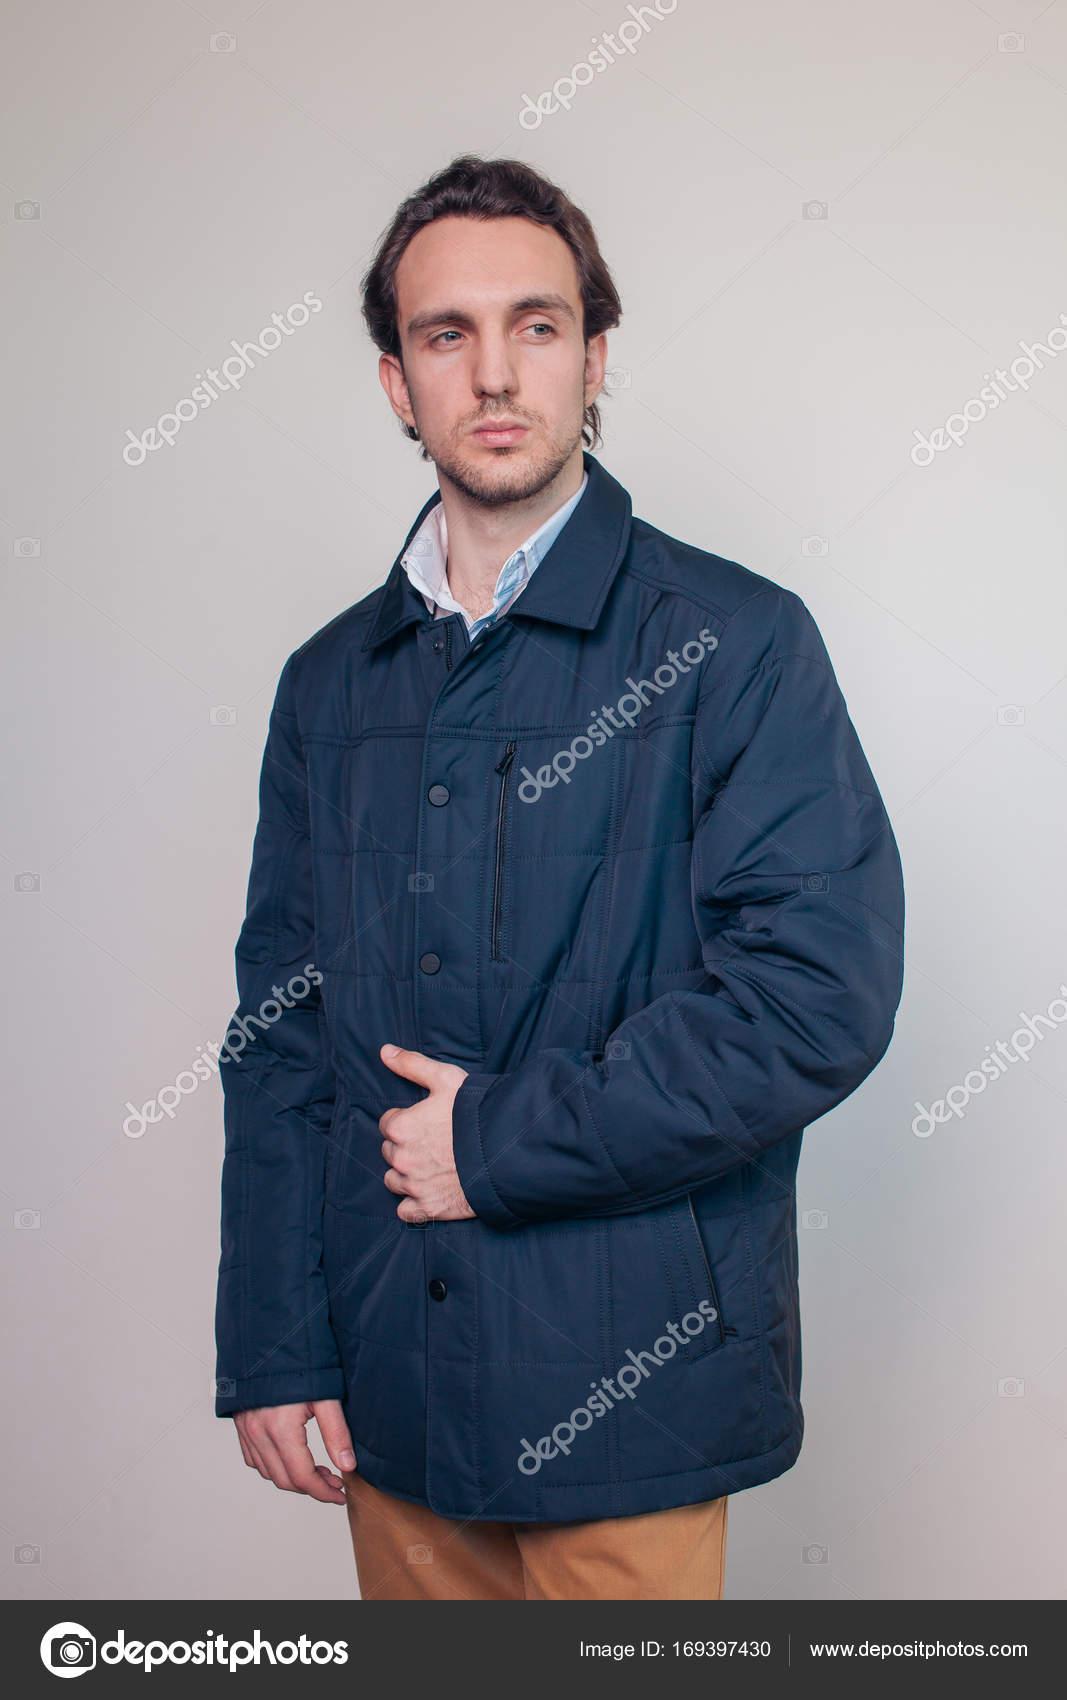 0c1310b4d9e3c Chico joven serio vestido con chaqueta otoño posando en el estudio– imagen  de stock